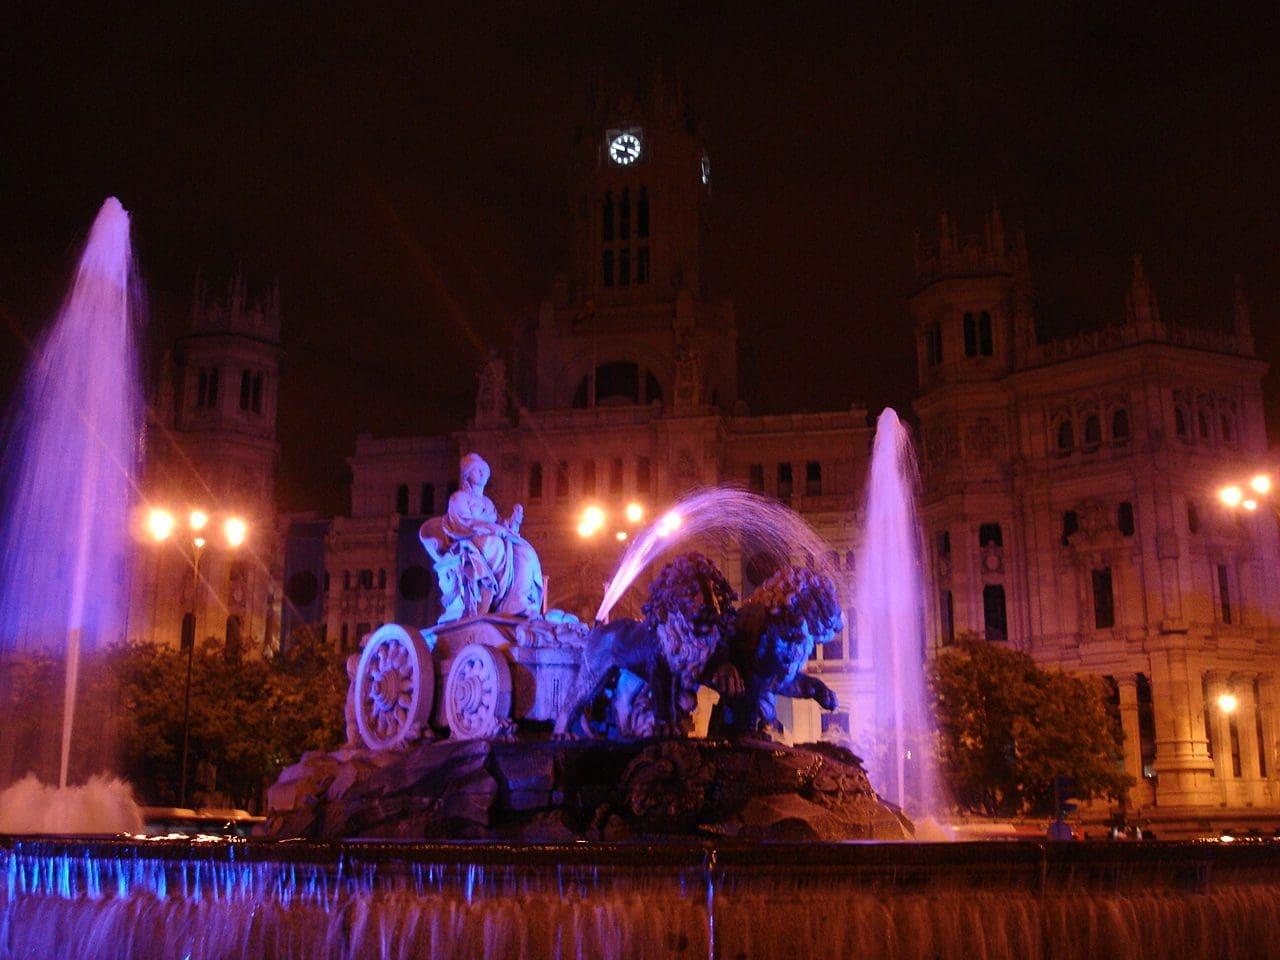 Mejores lugares turisticos en madrid for Lugares turisticos para visitar en espana